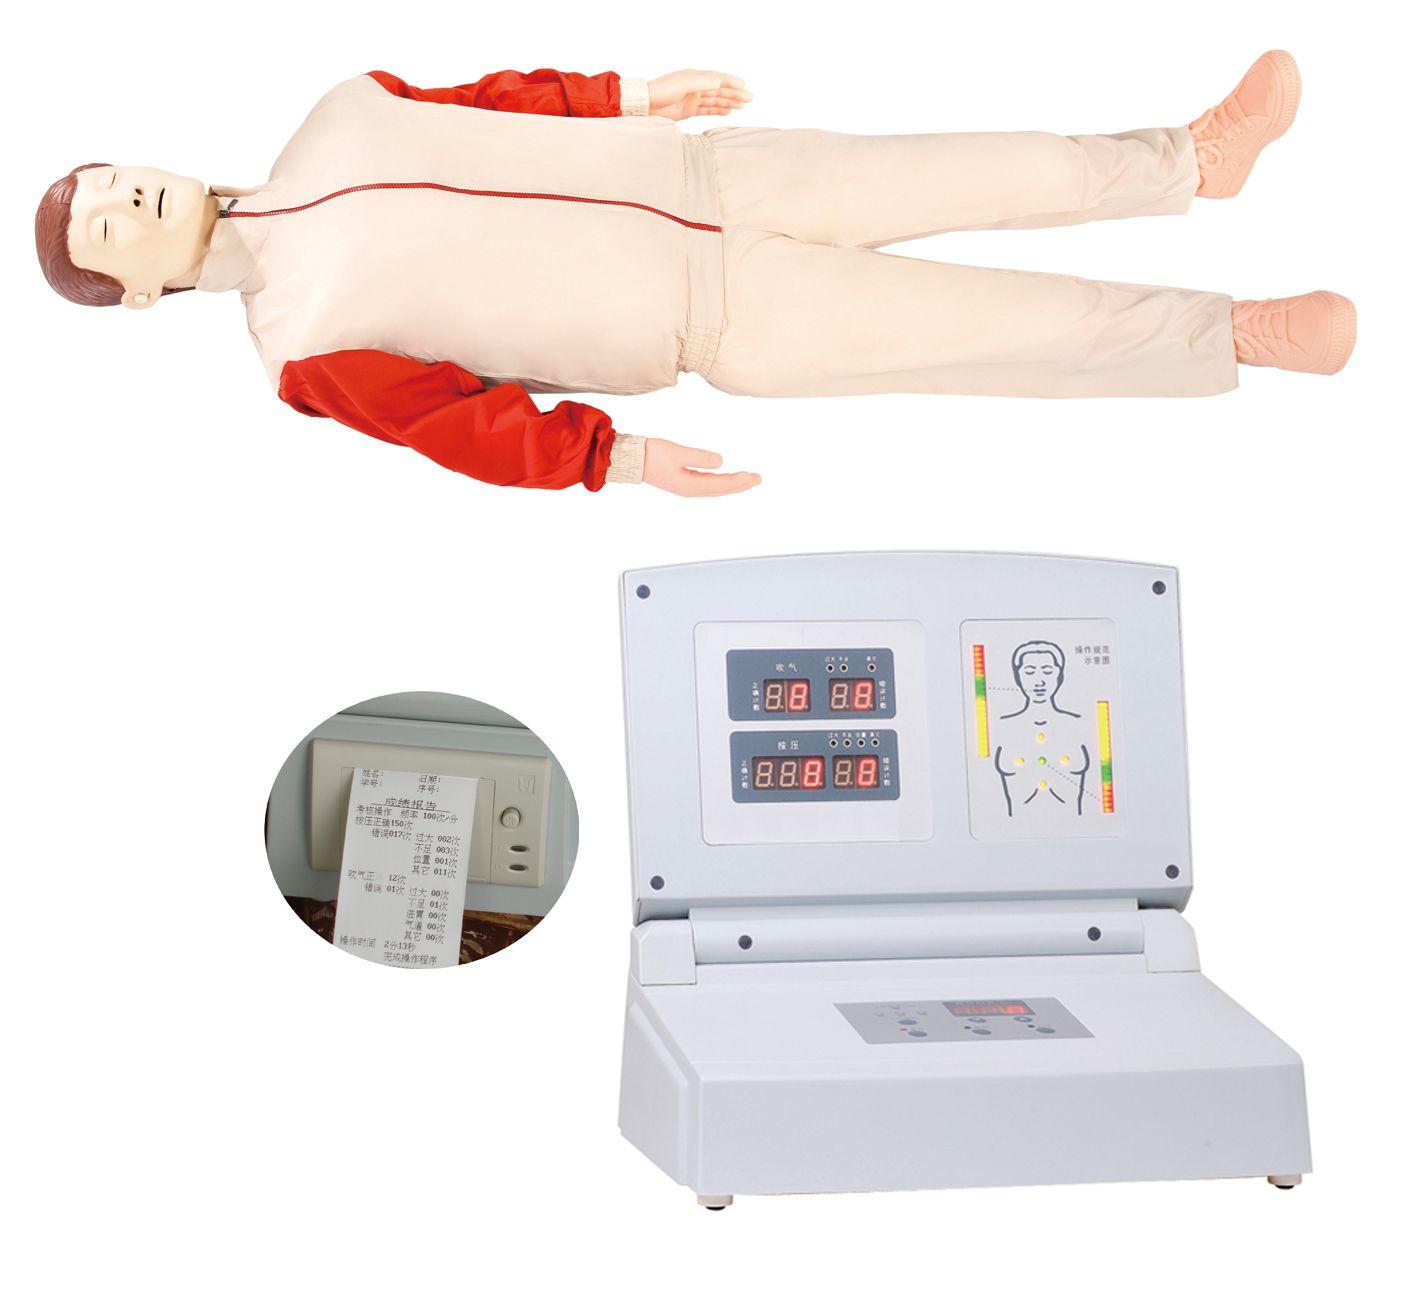 CPR480 高级全自动心肺复苏模型